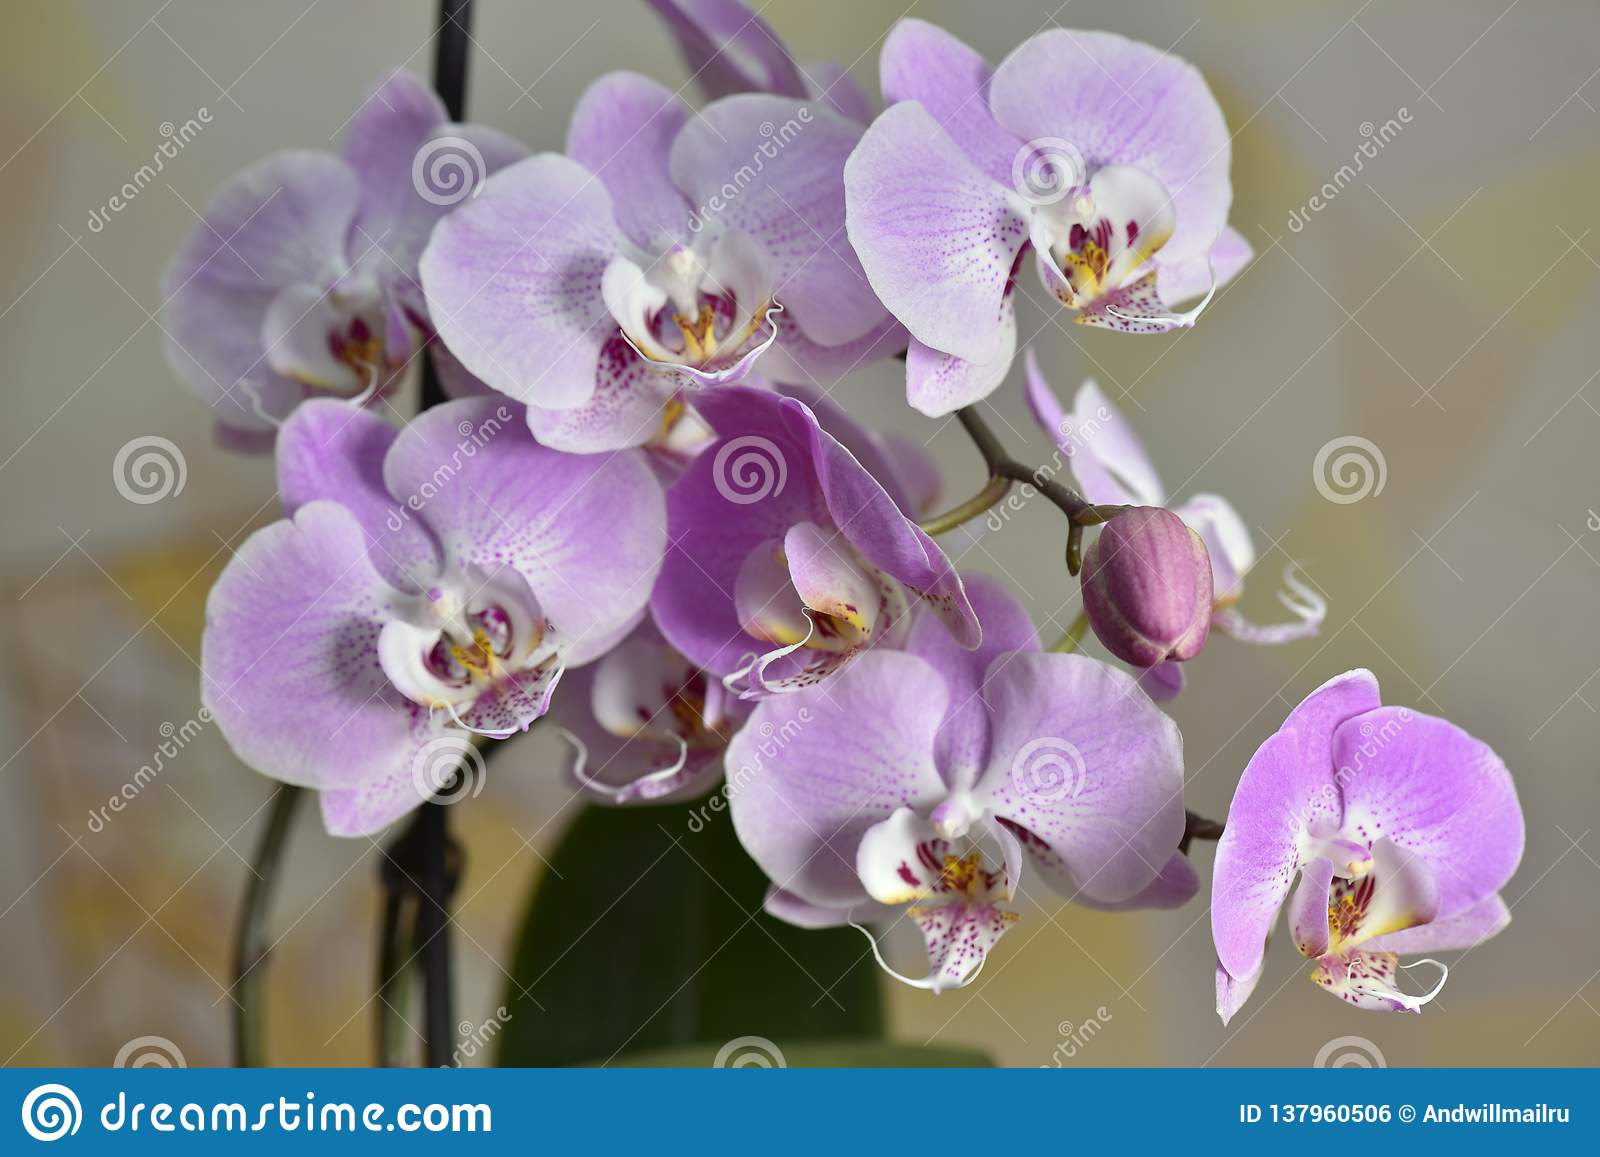 Фаленопсис, орхидея phalaenopsis. все что надо знать о ней.